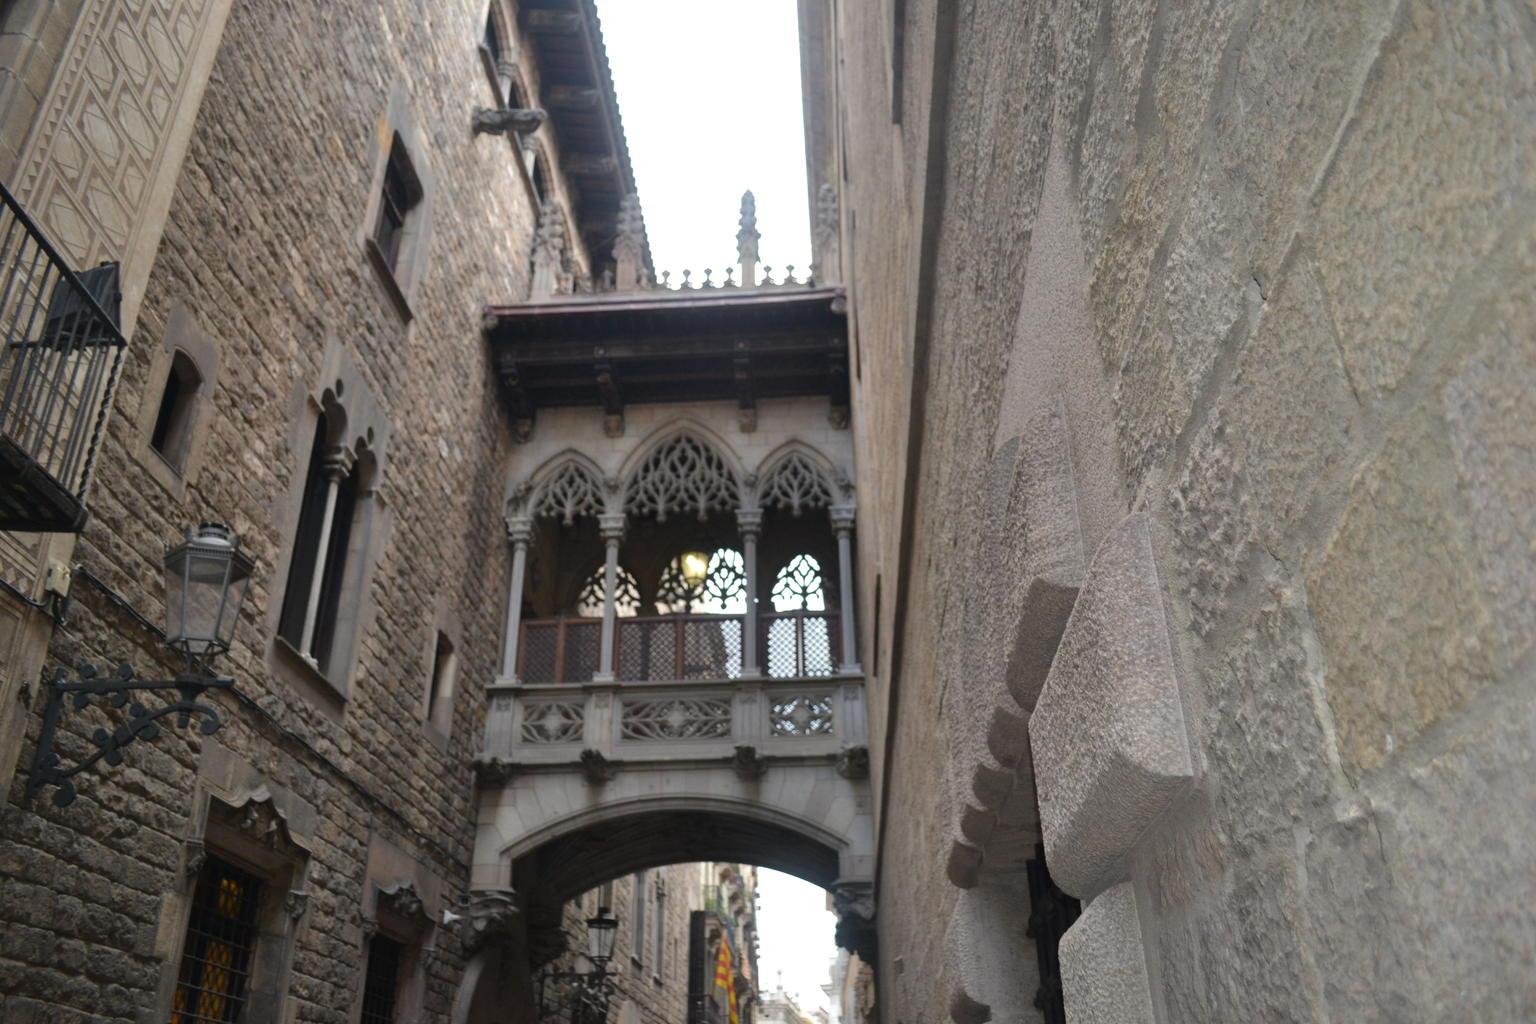 MÁS FOTOS, Acceso prioritario: Excursión a lo mejor de Barcelona, incluida la Sagrada Familia